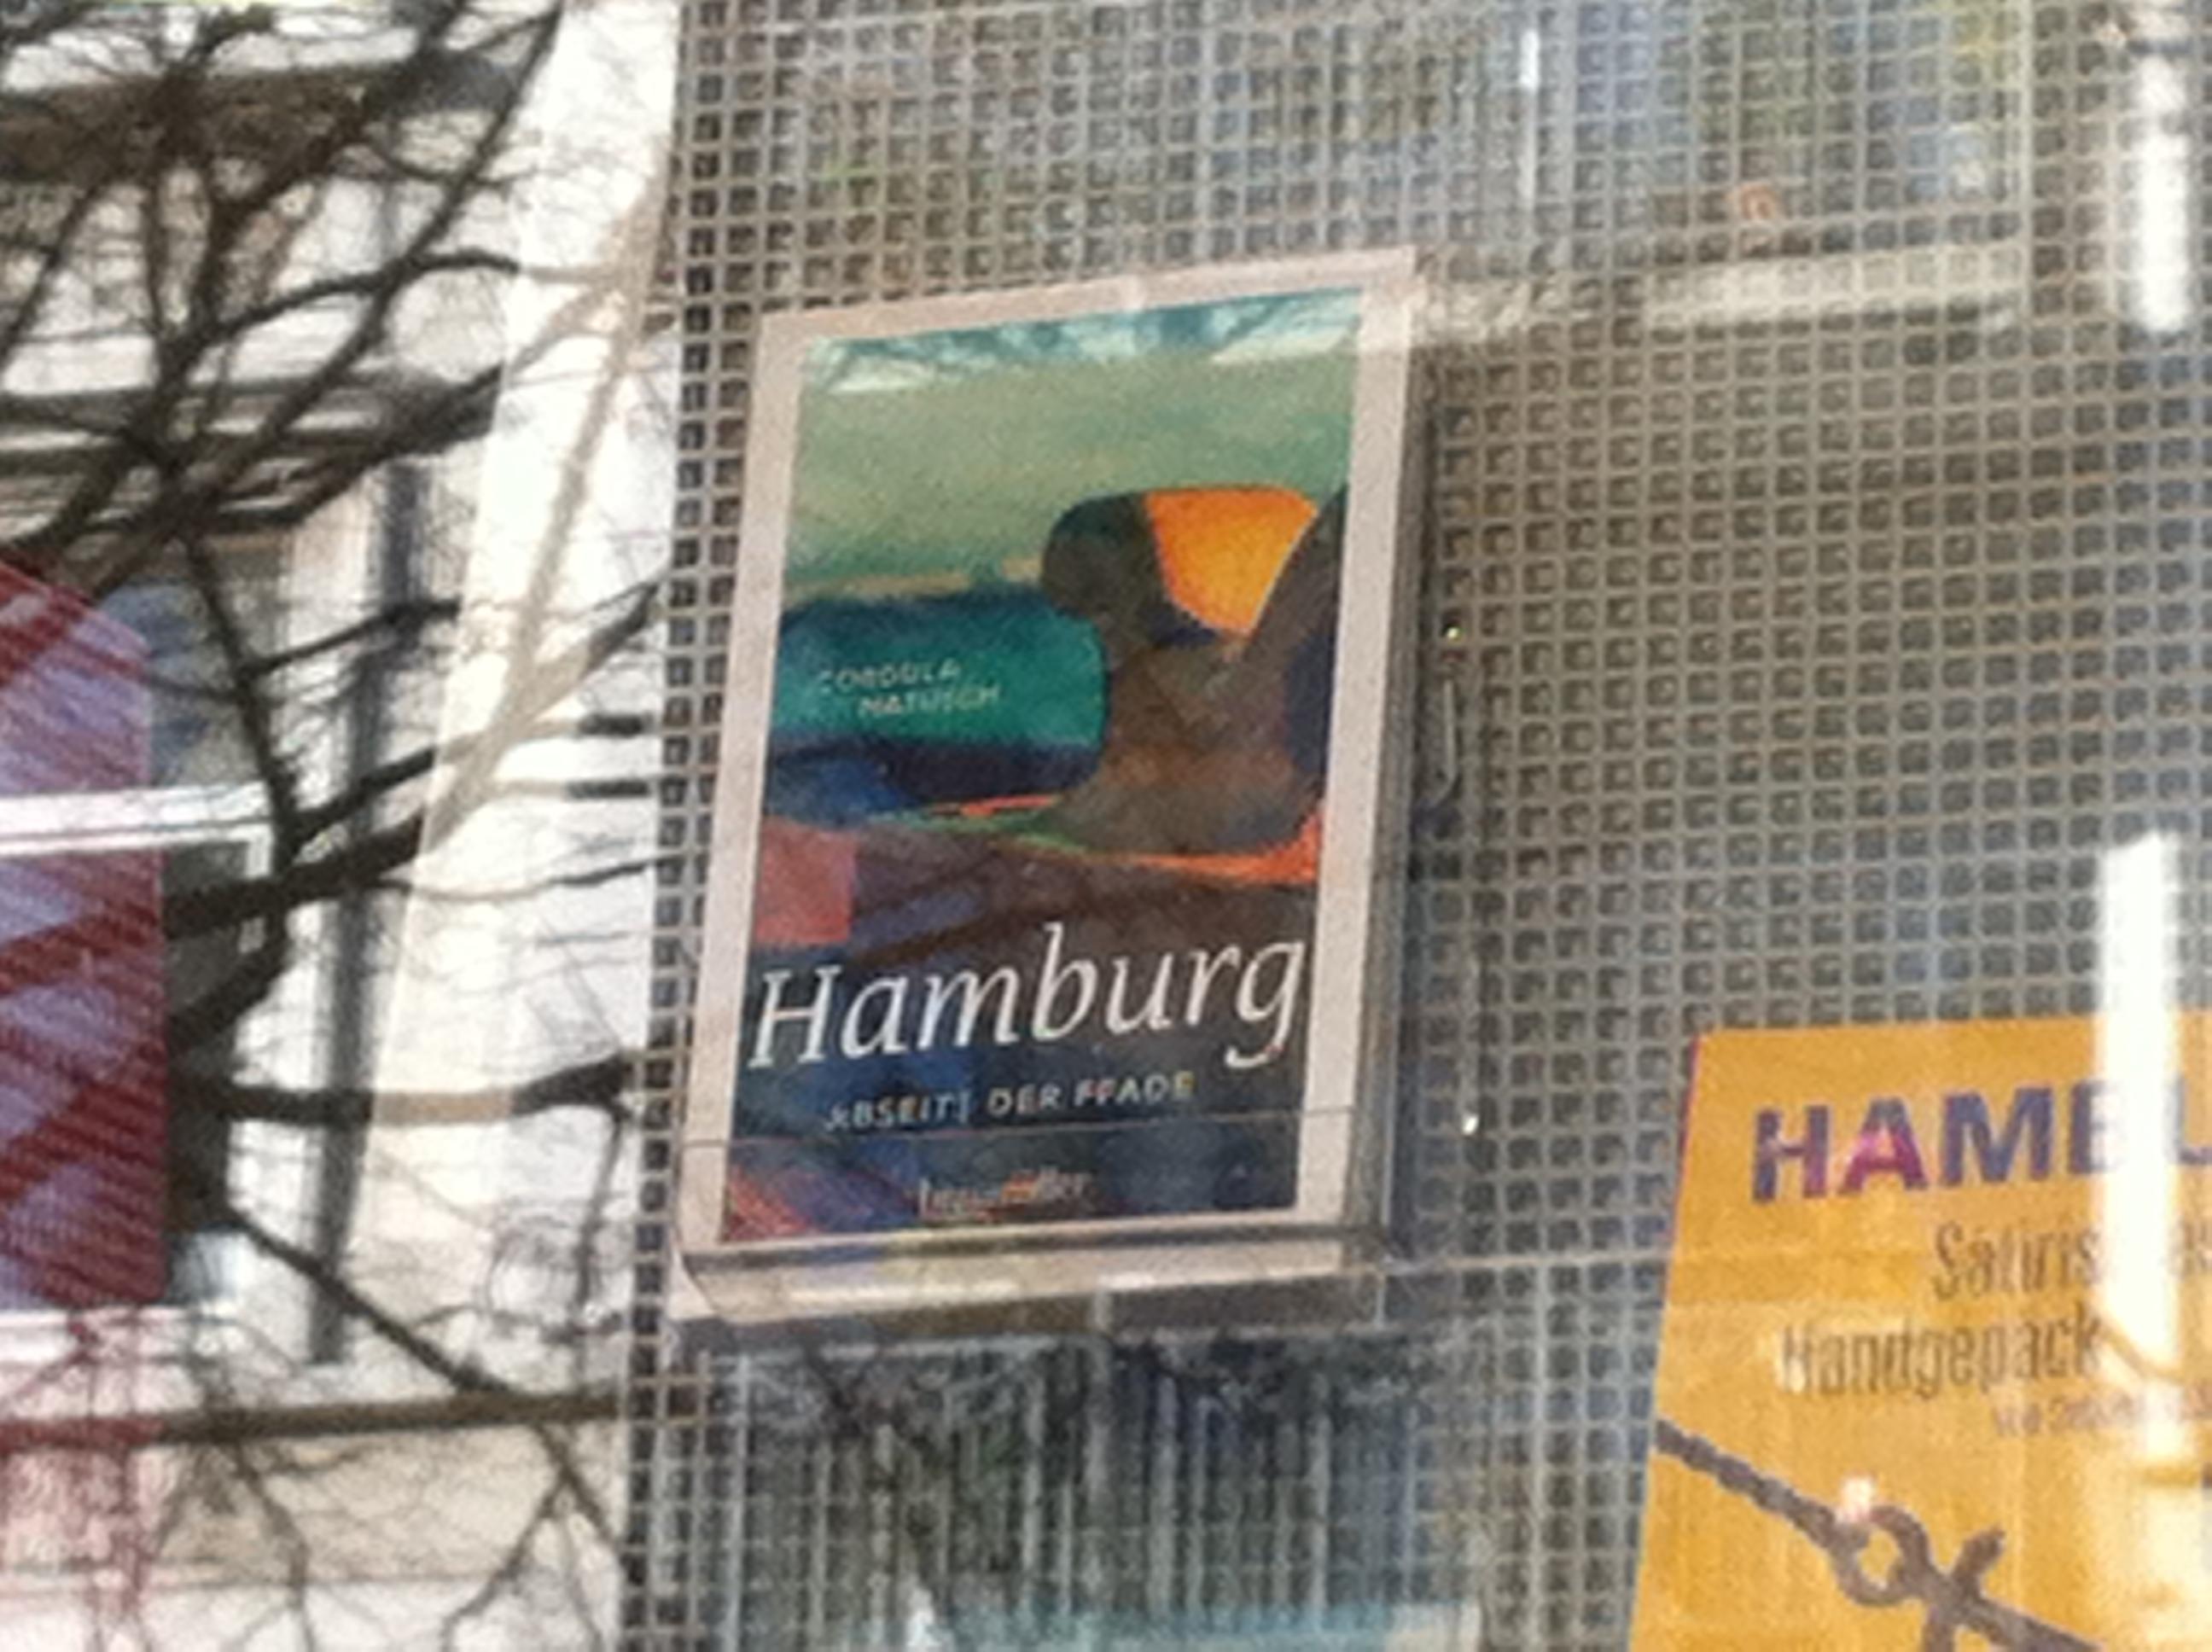 Mein Hamburg-Reiseführer im Schaufenster der Buchhandlung am Mühlenkamp